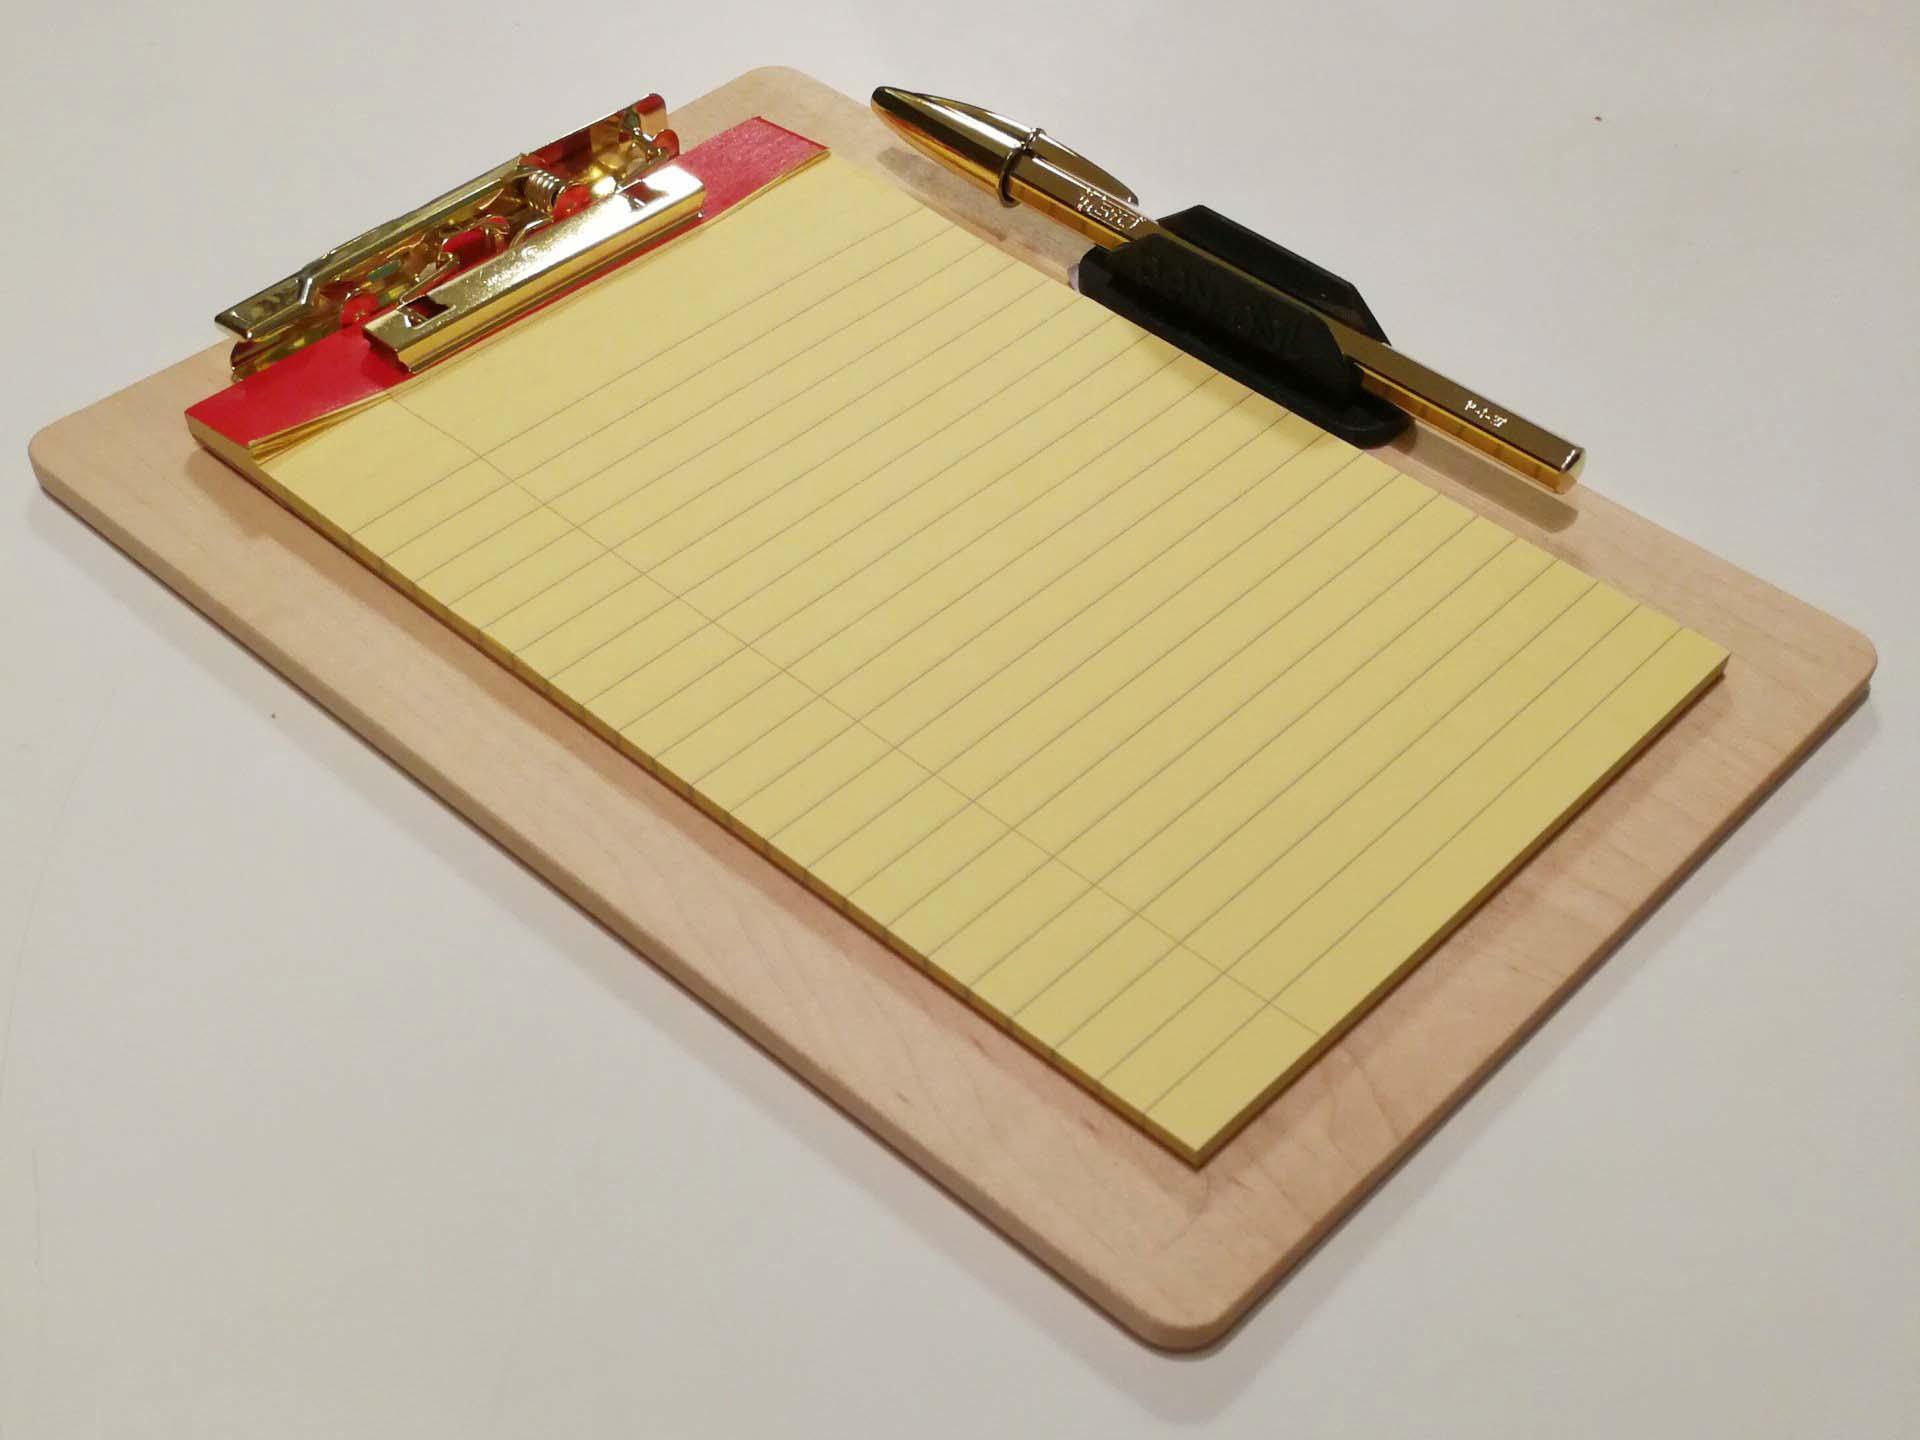 知人に作っていただいたクリップボードも筆記即戦力型に返信